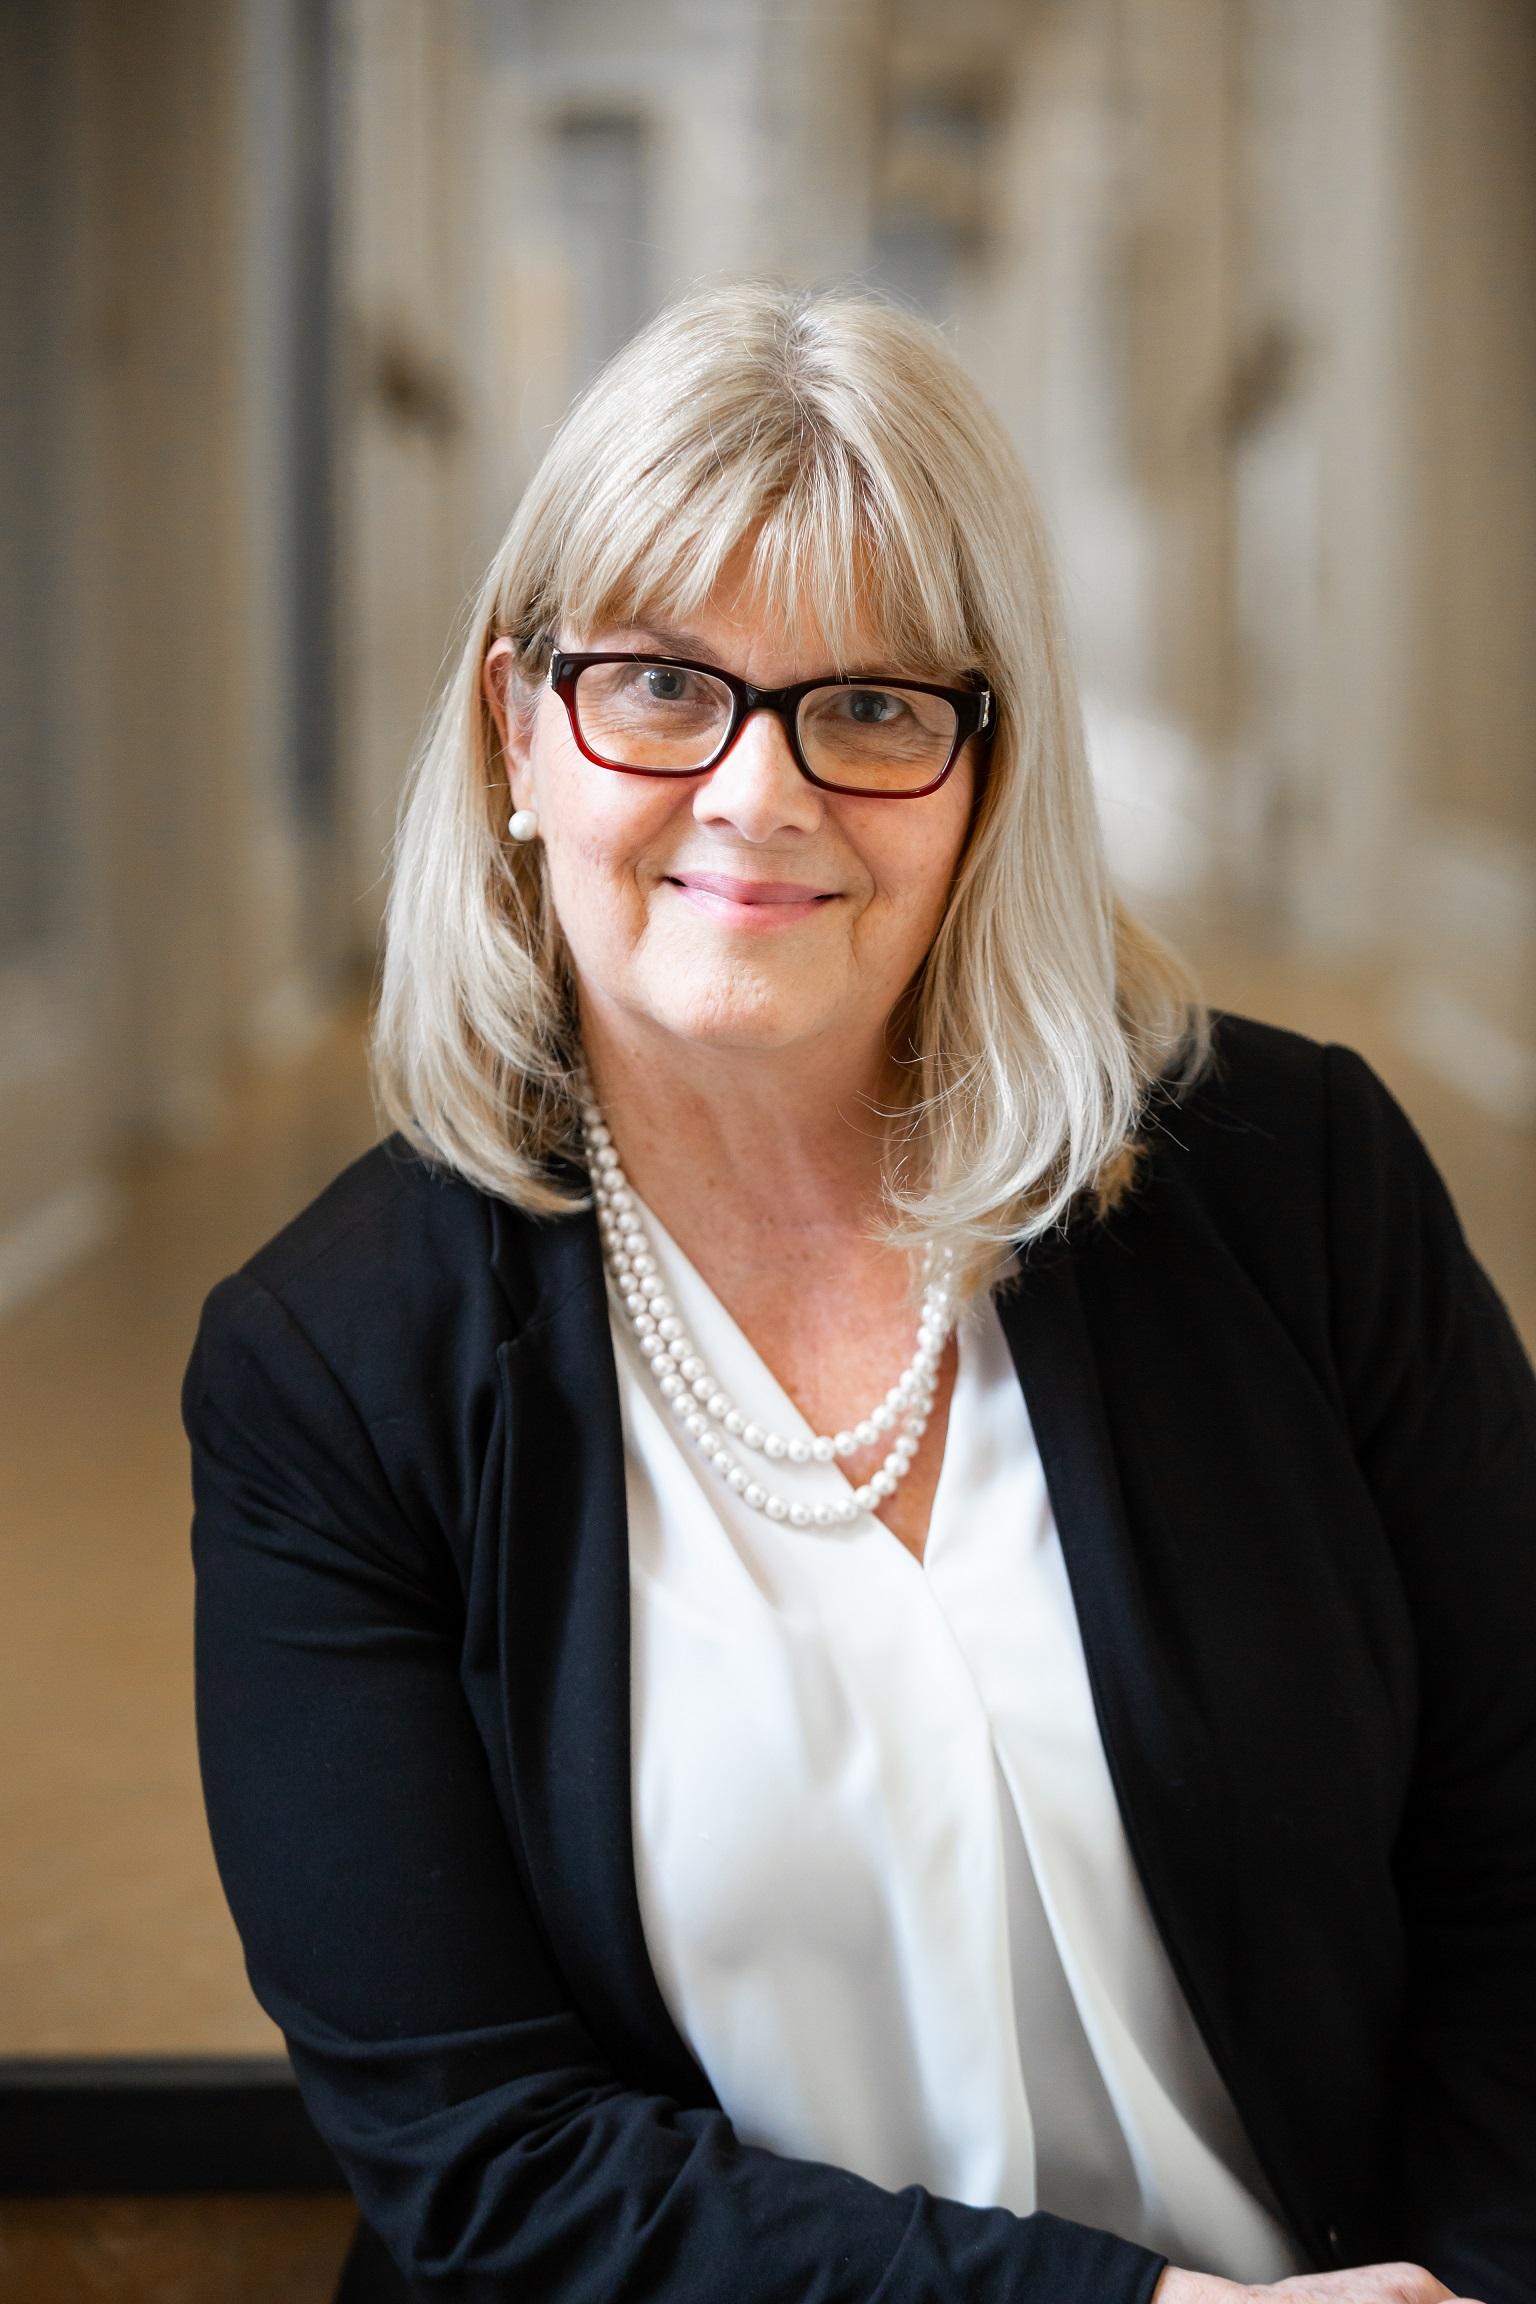 Judy Paulsen